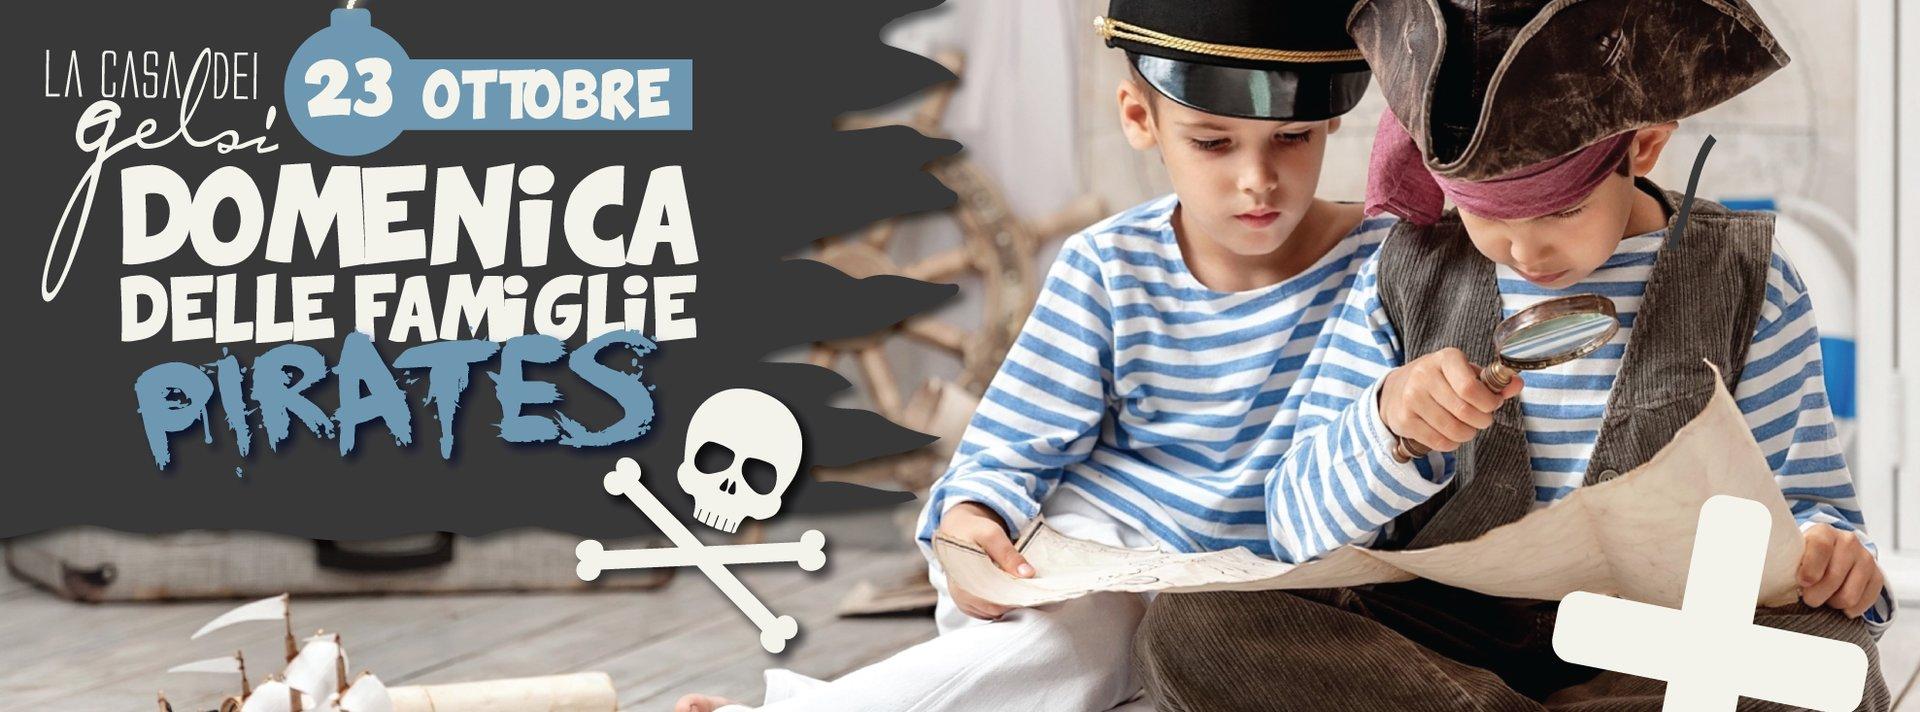 domenica delle famiglie pirati 23 ottobre 2016